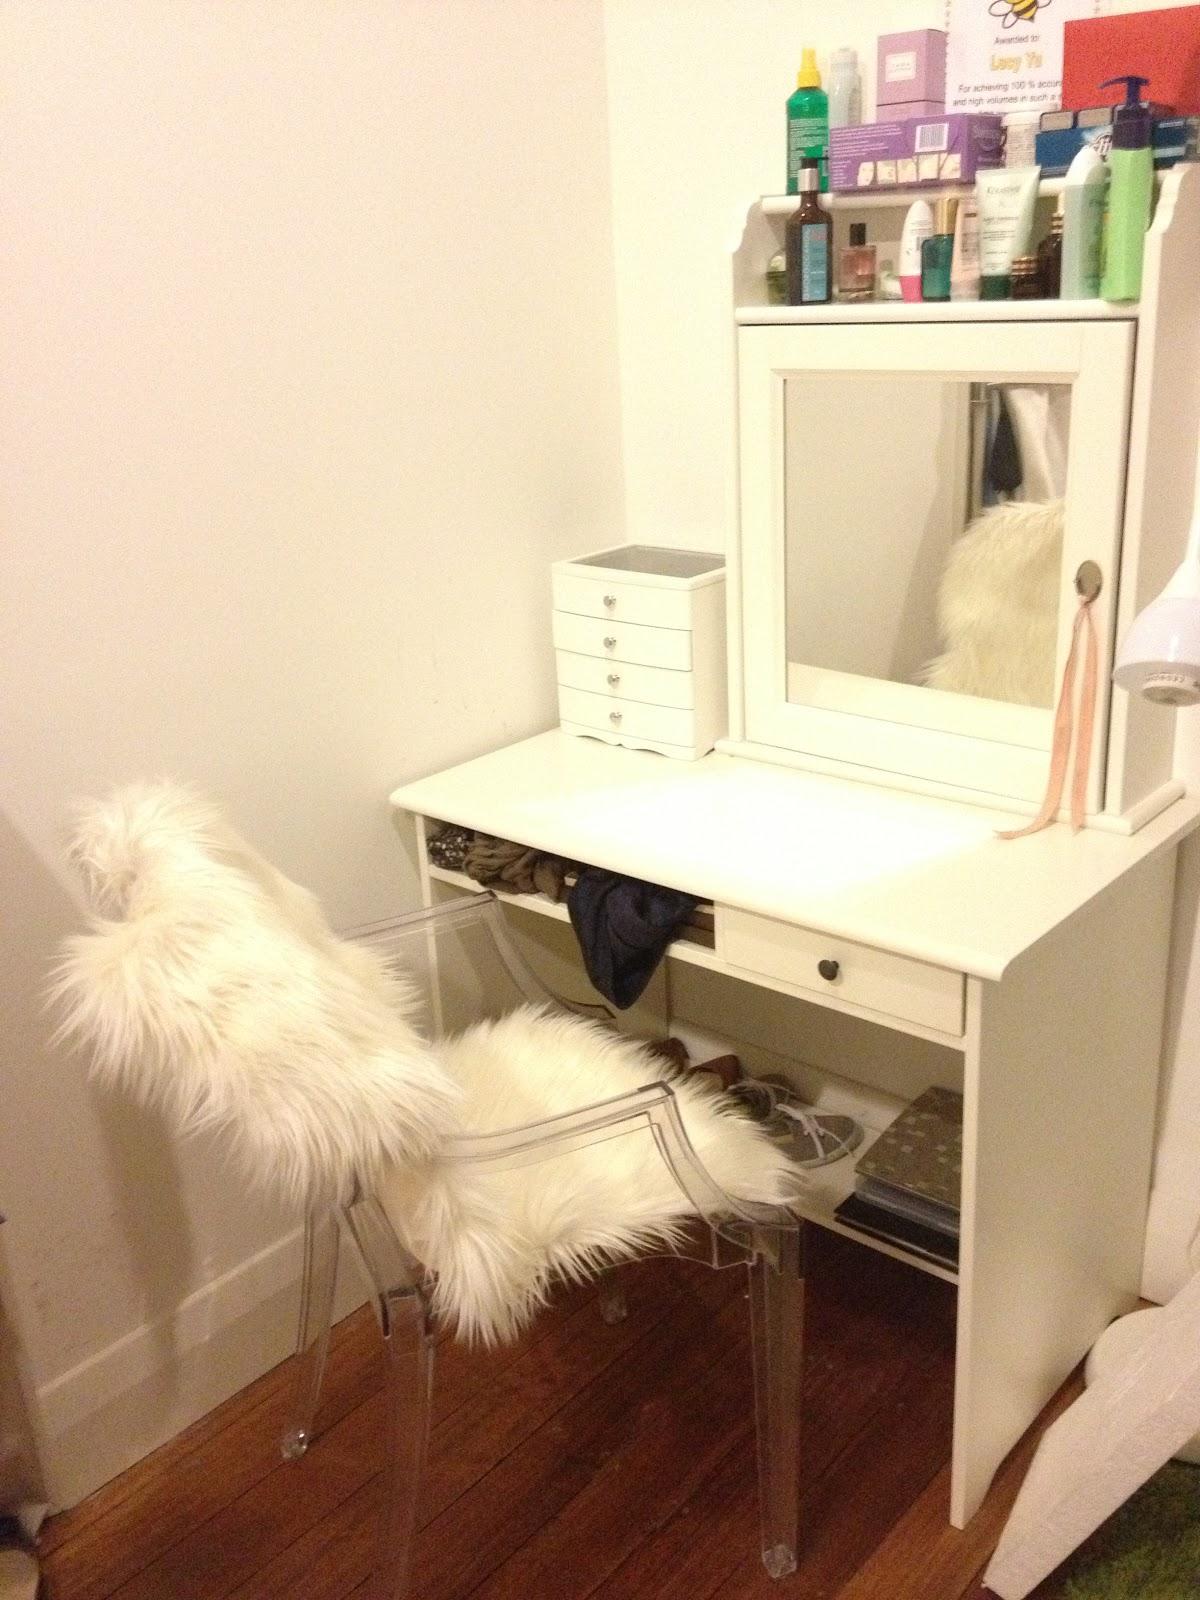 elegant-forfængelighed-skrivebord-ikea-i-inspiration-til-remodel-hjem-med-forfængelighed-skrivebord-ikea